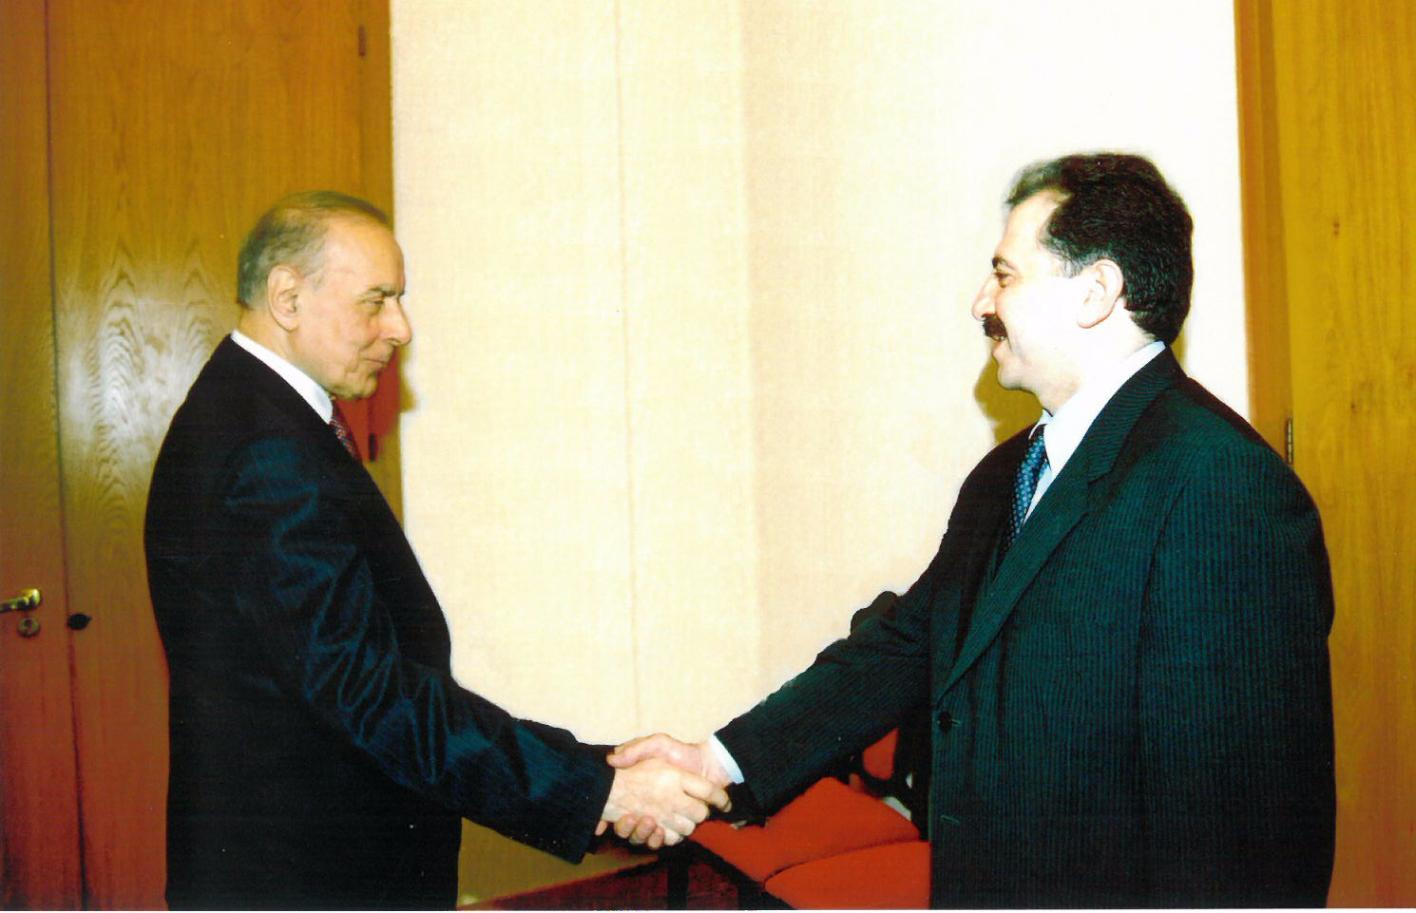 Встреча с Президентом АР Гейдаром Алиевым (март 1999 года)